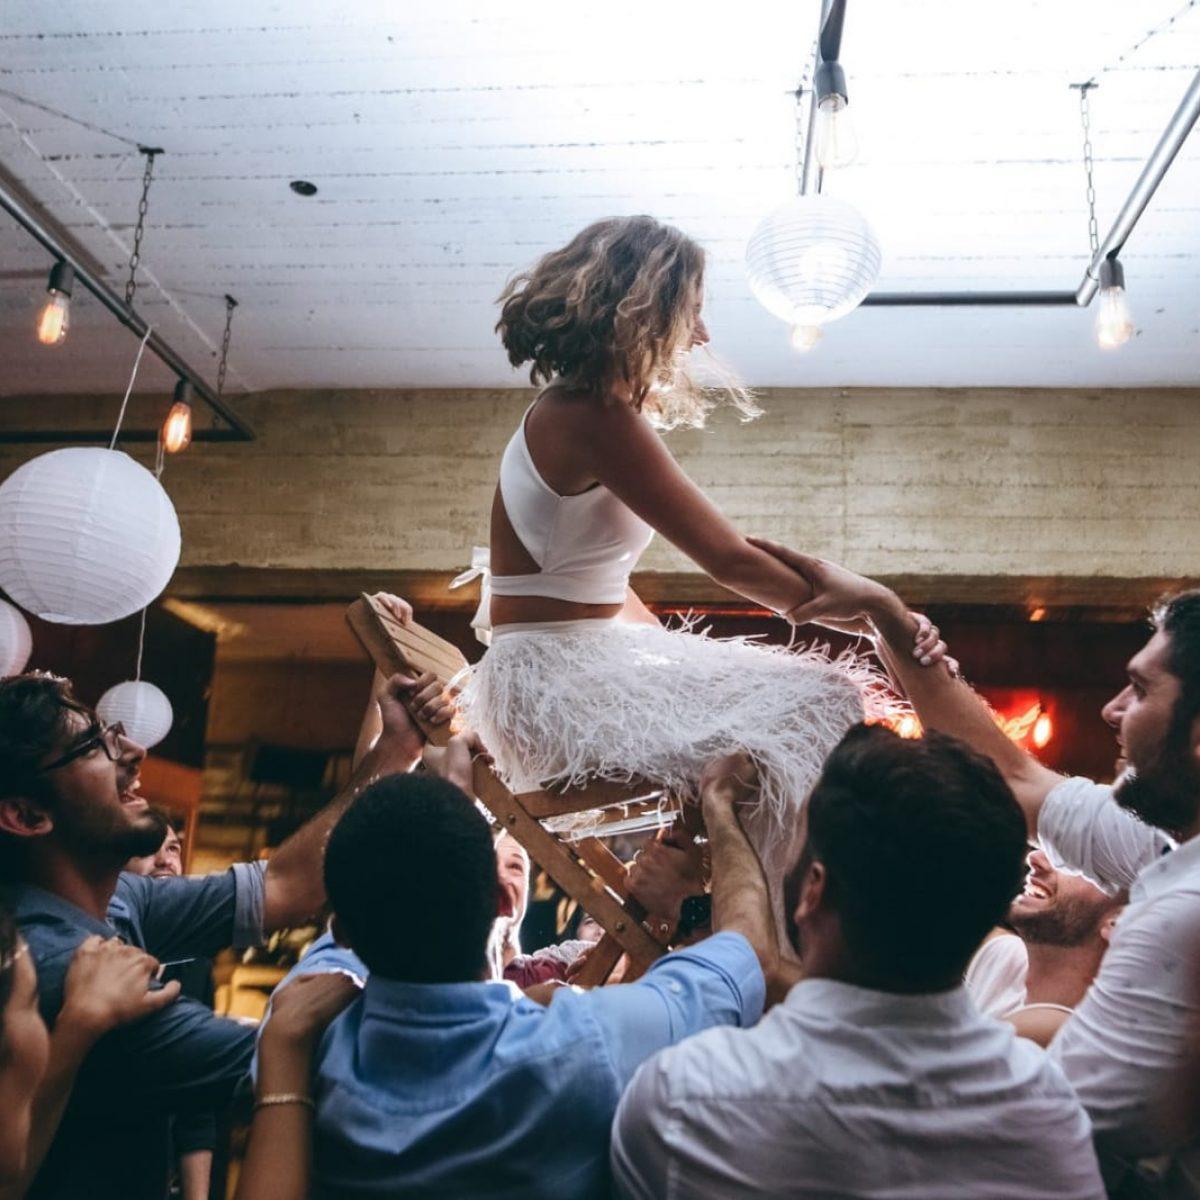 חתונה עם כלה מורמת על כיסא ומלא אנשים סביבה - Wedding event with a bride being lifted on a chair and lots of guests around